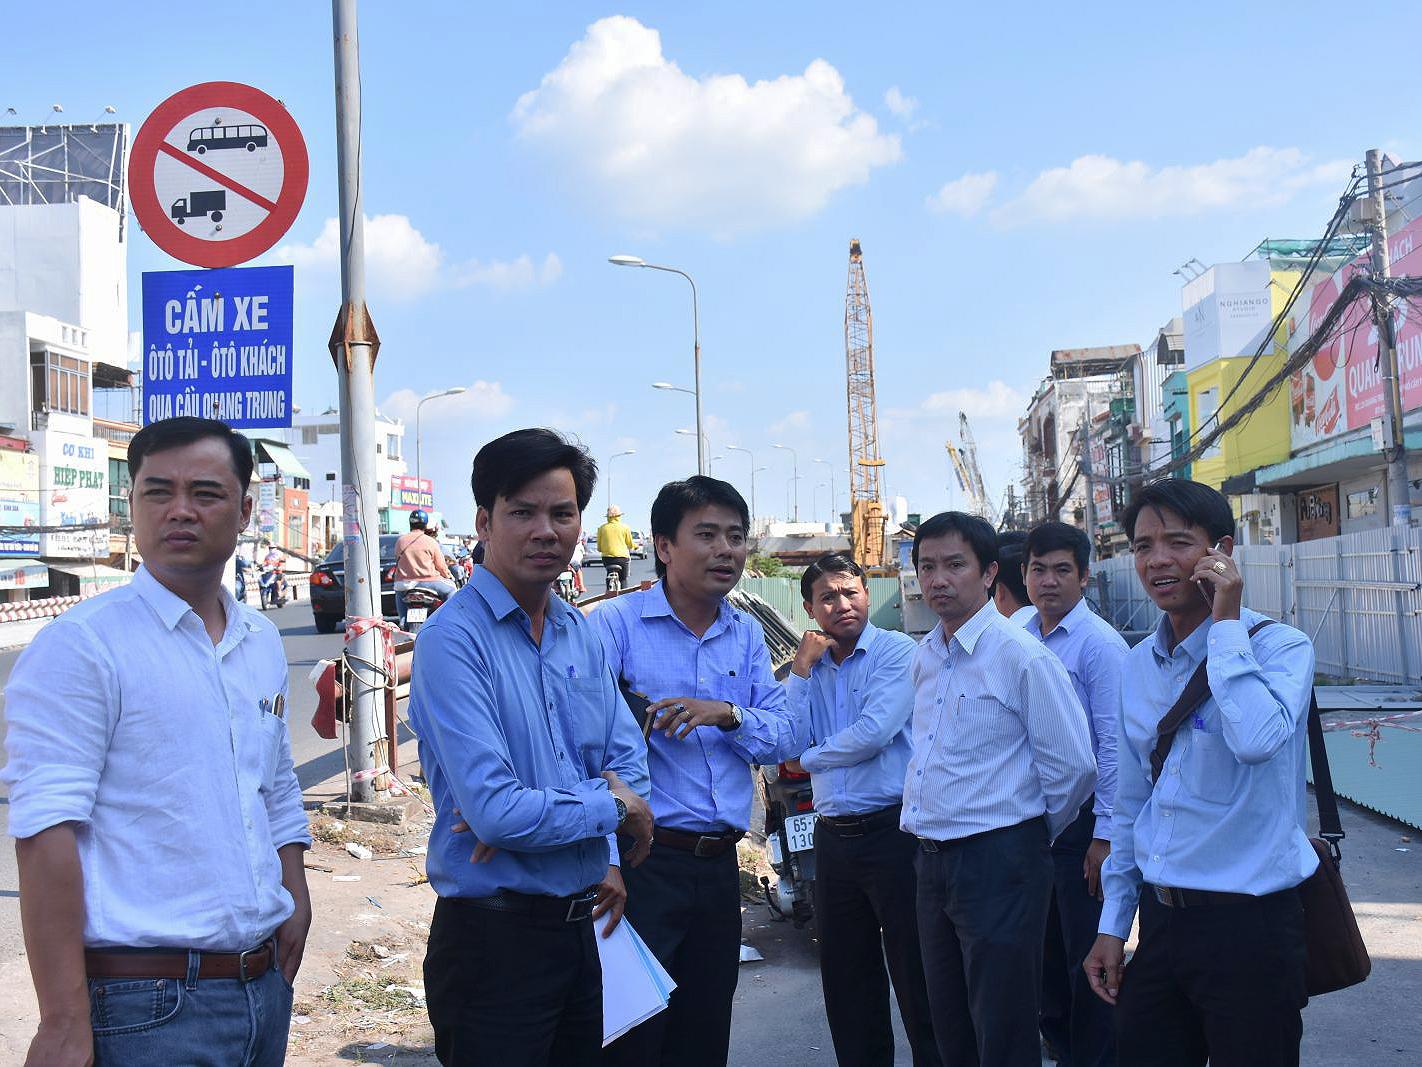 Ông Lê Tiến Dũng, Giám đốc Sở GTVT TP Cần Thơ (thứ 3, từ phải sang) cùng lãnh đạo các ngành chức năng và quận Ninh Kiều kiểm tra giải pháp bảo đảm ATGT khu vực thi công công trình cầu Quang Trung (đơn nguyên 2).